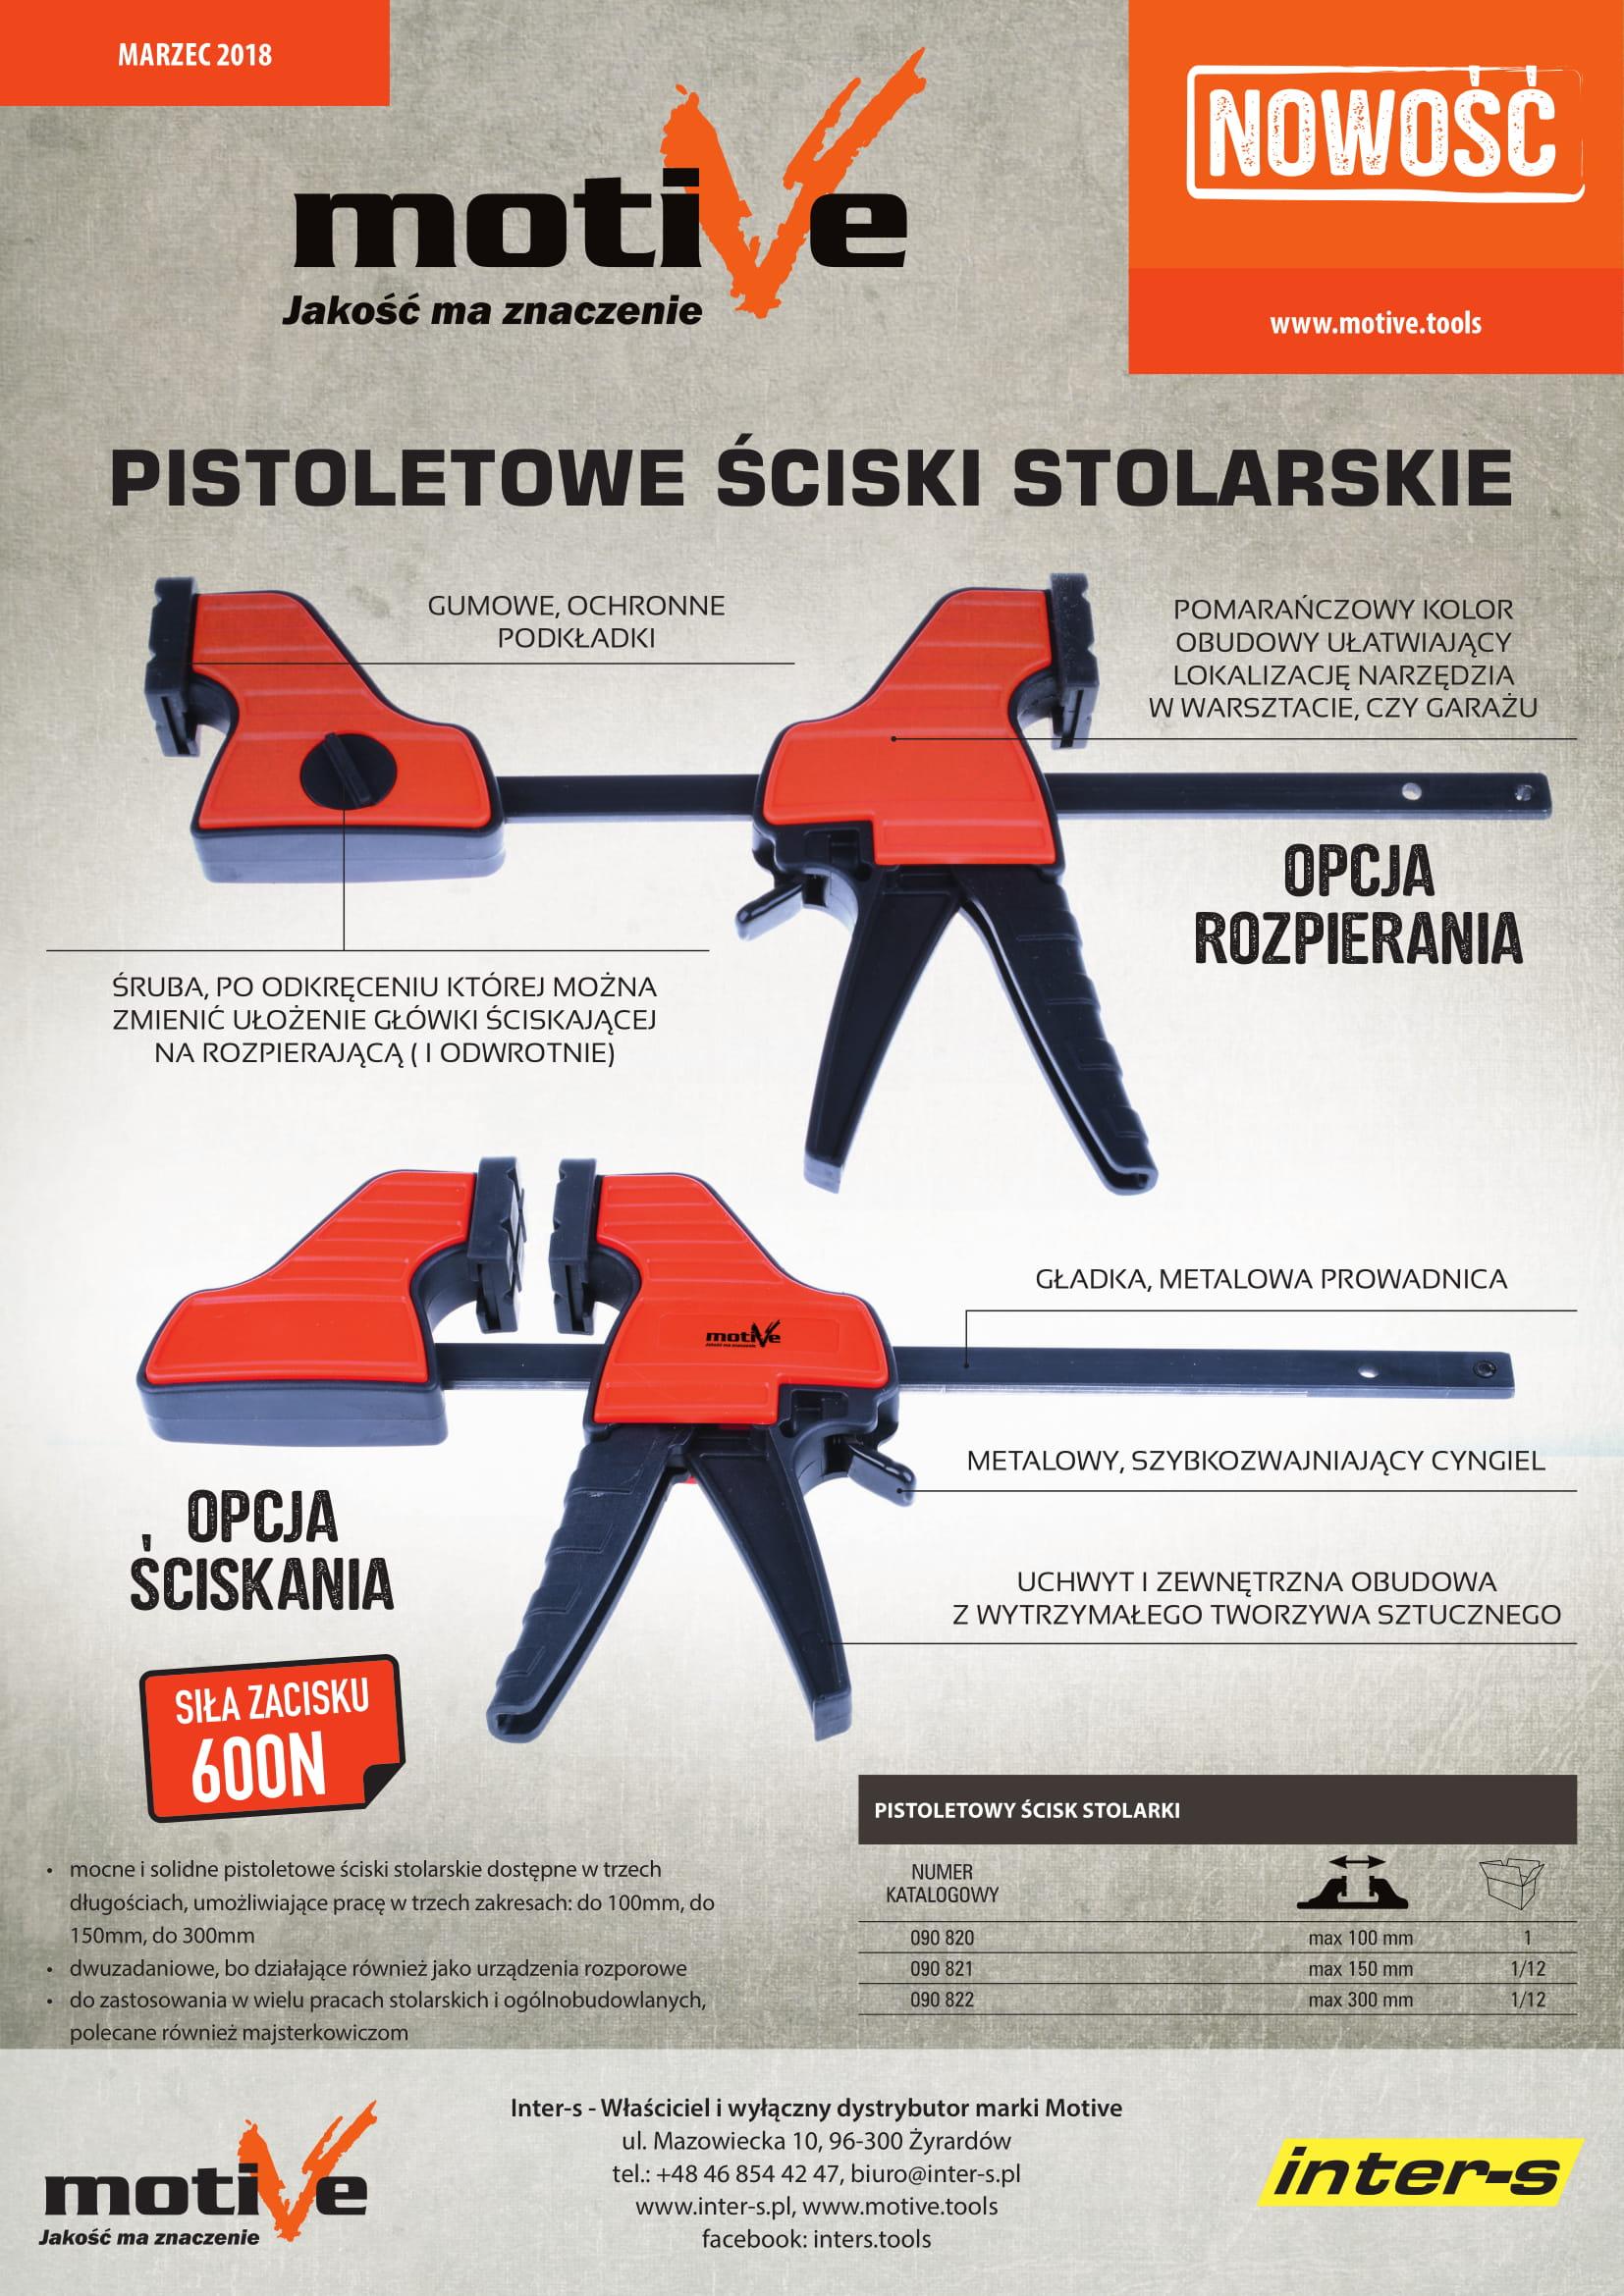 pistoletowe-sciski